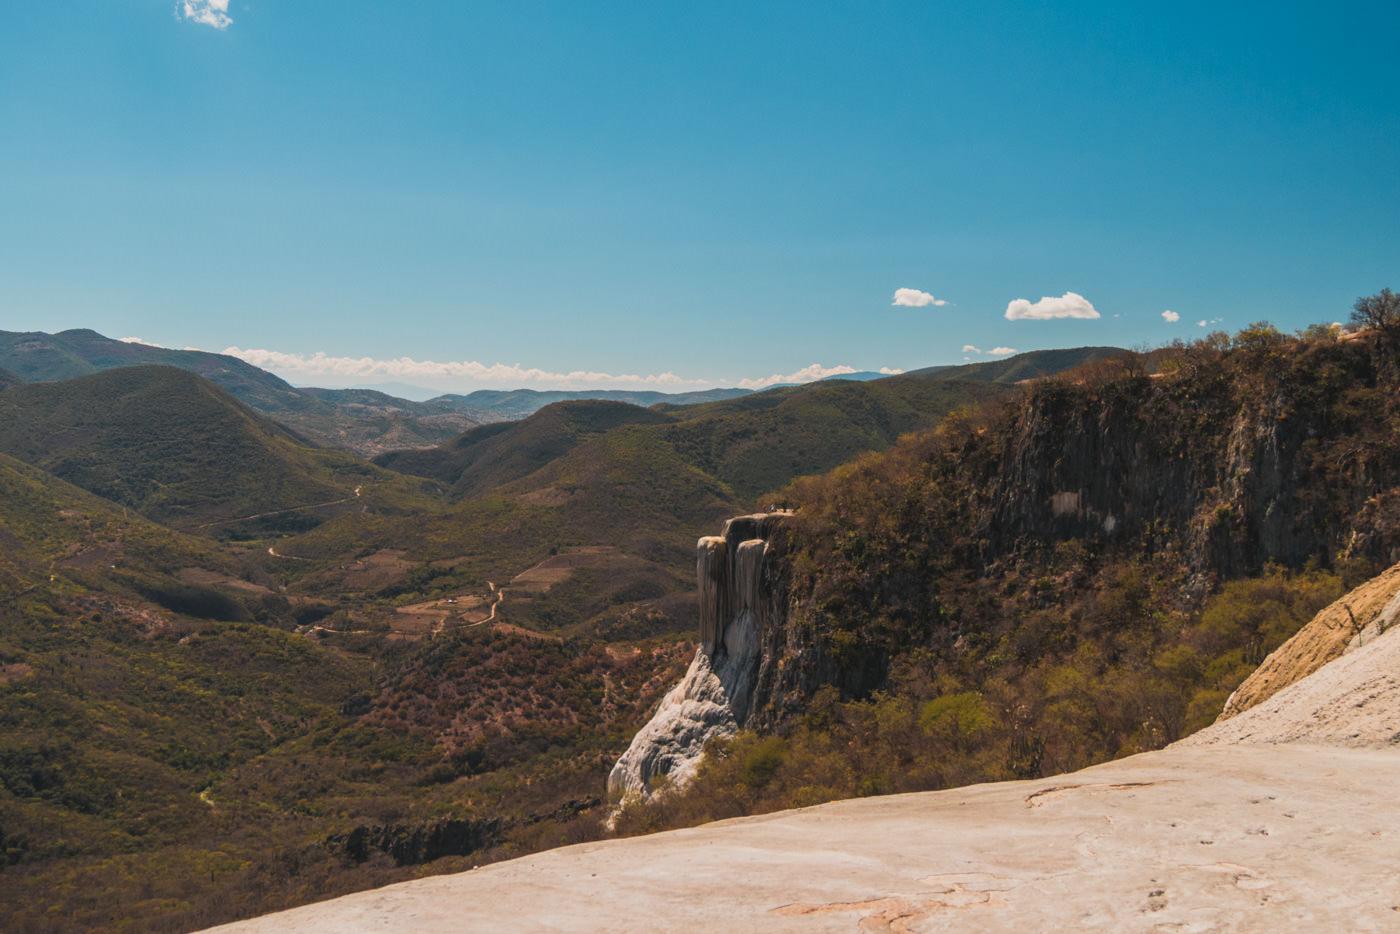 Der große Wasserfall am Hierve el Agua - Oaxaca, Mexiko